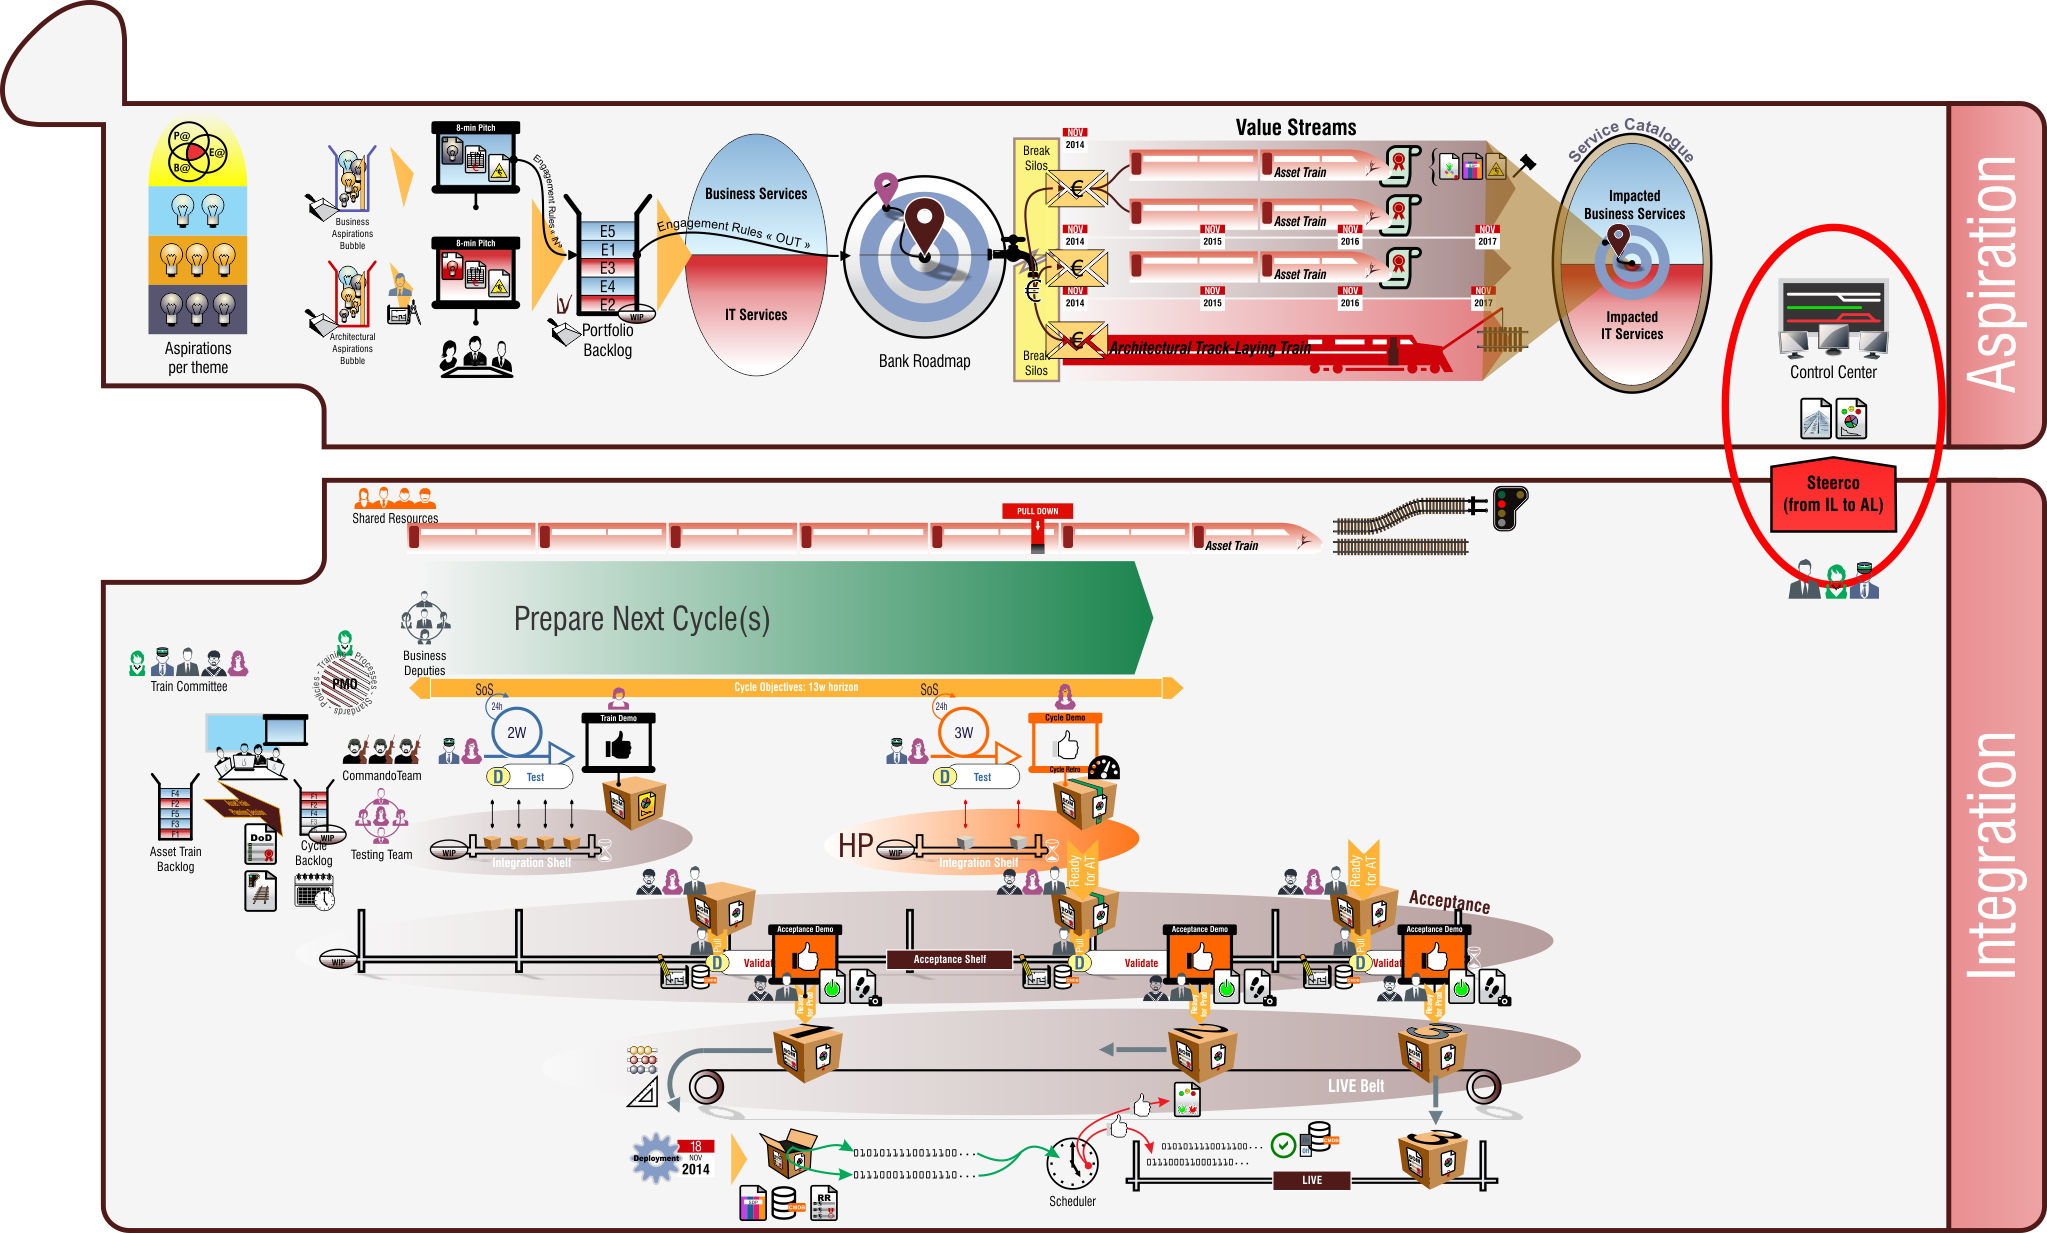 Le Steerco est un lien formel entre l'Integration Layer et l'Aspiration Layer